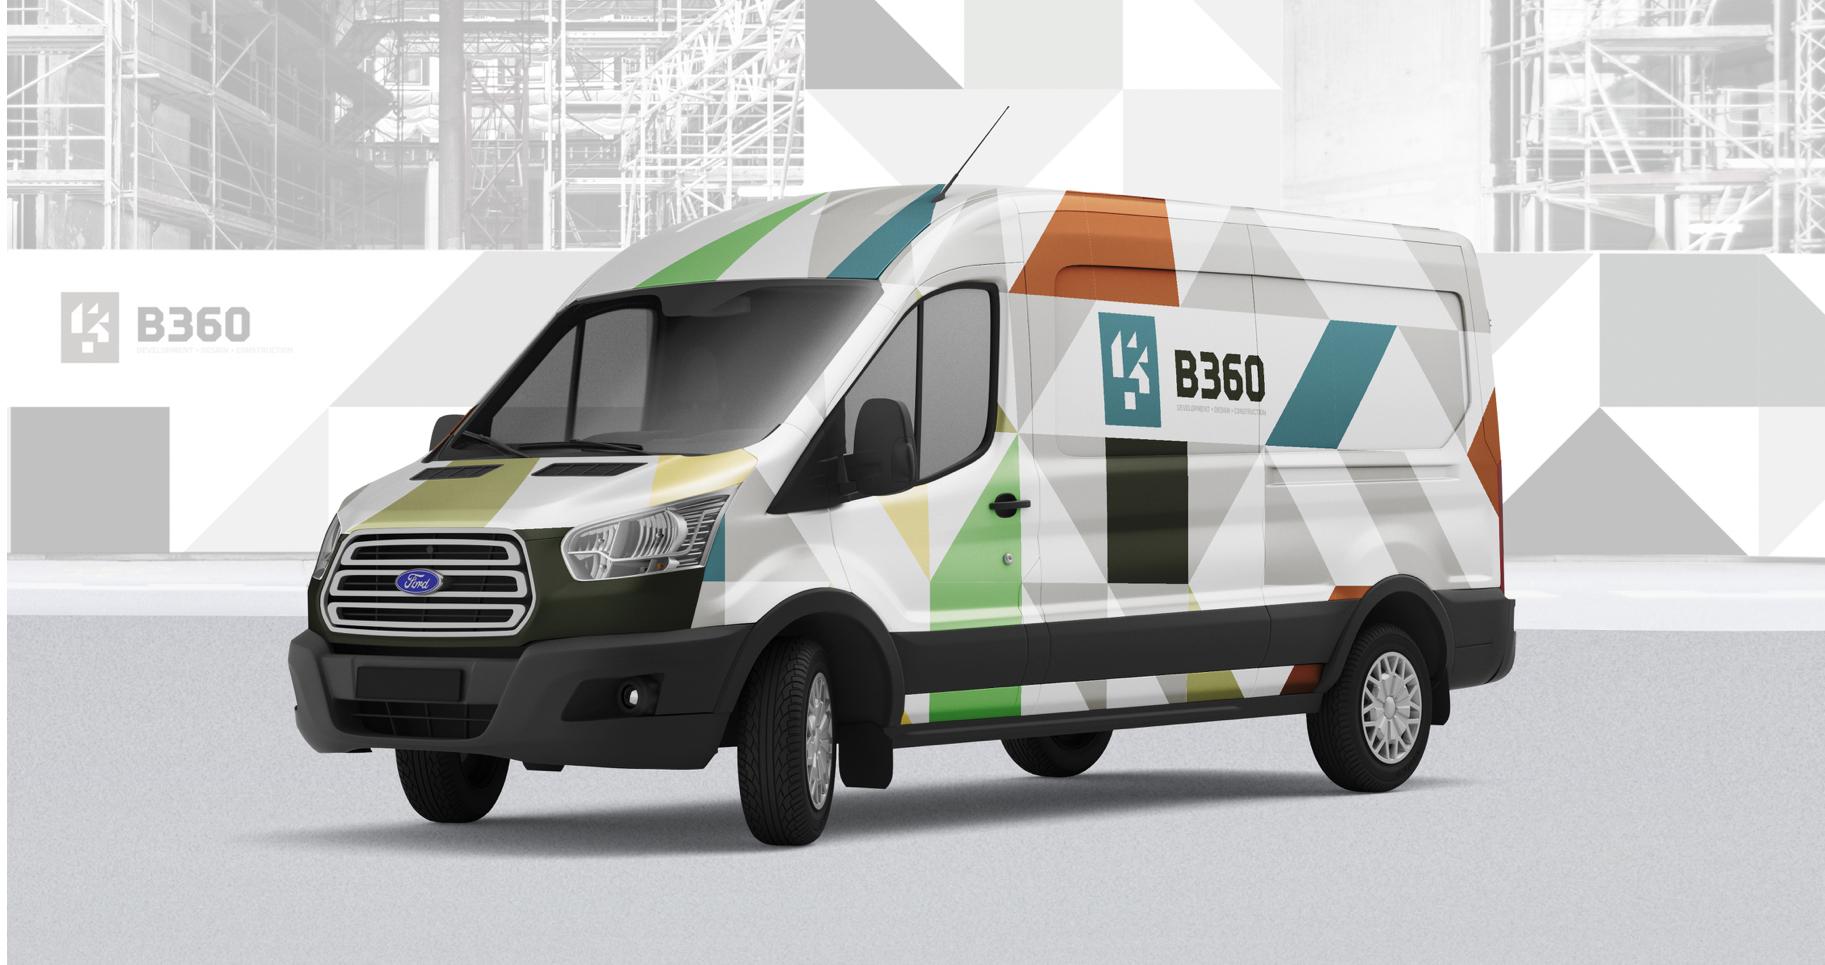 Redesigned work van